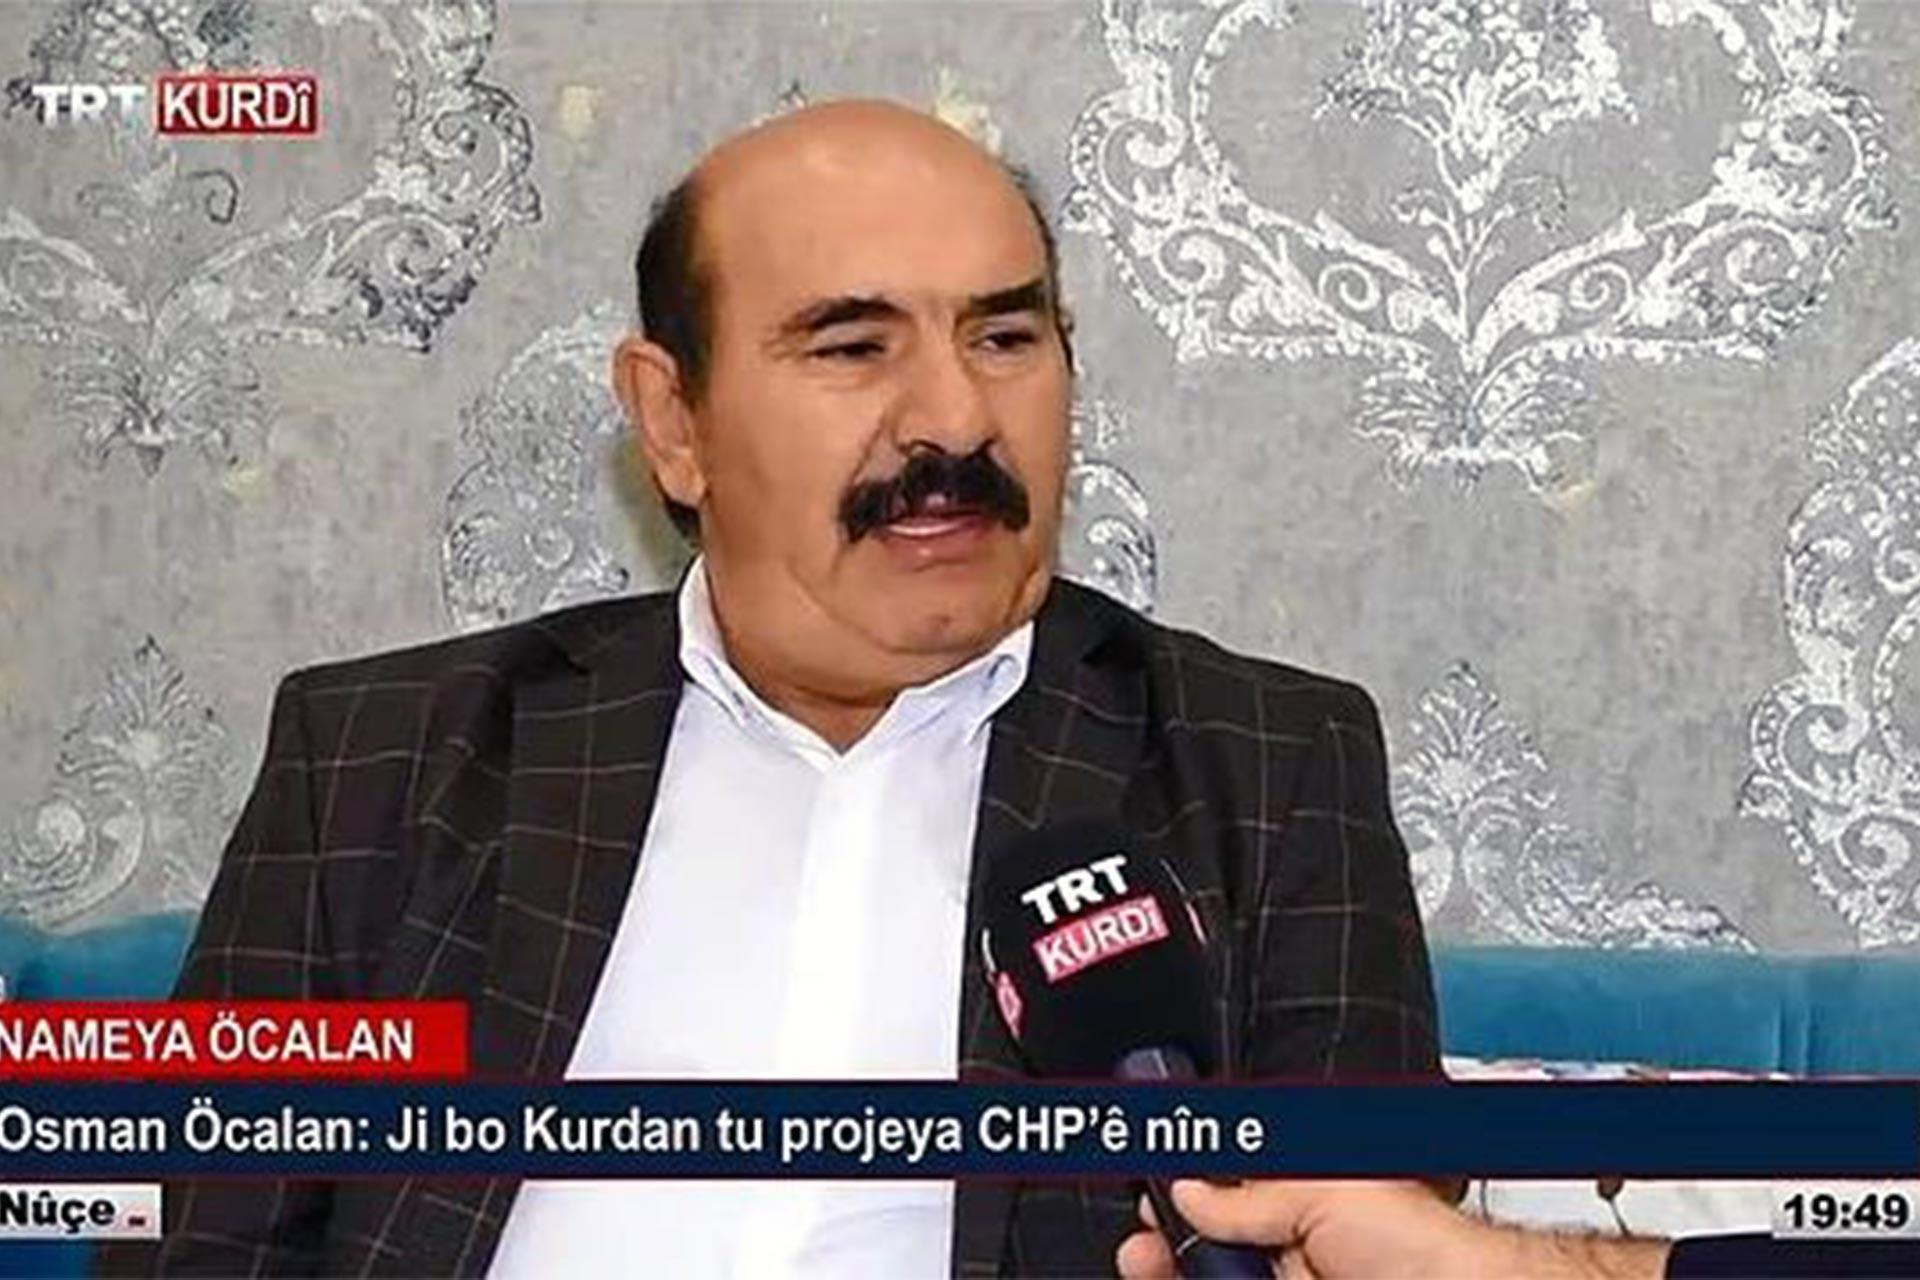 Savcılıktan Osman Öcalan'ın yayına çıkarılması kararı: İfade özgürlüğü